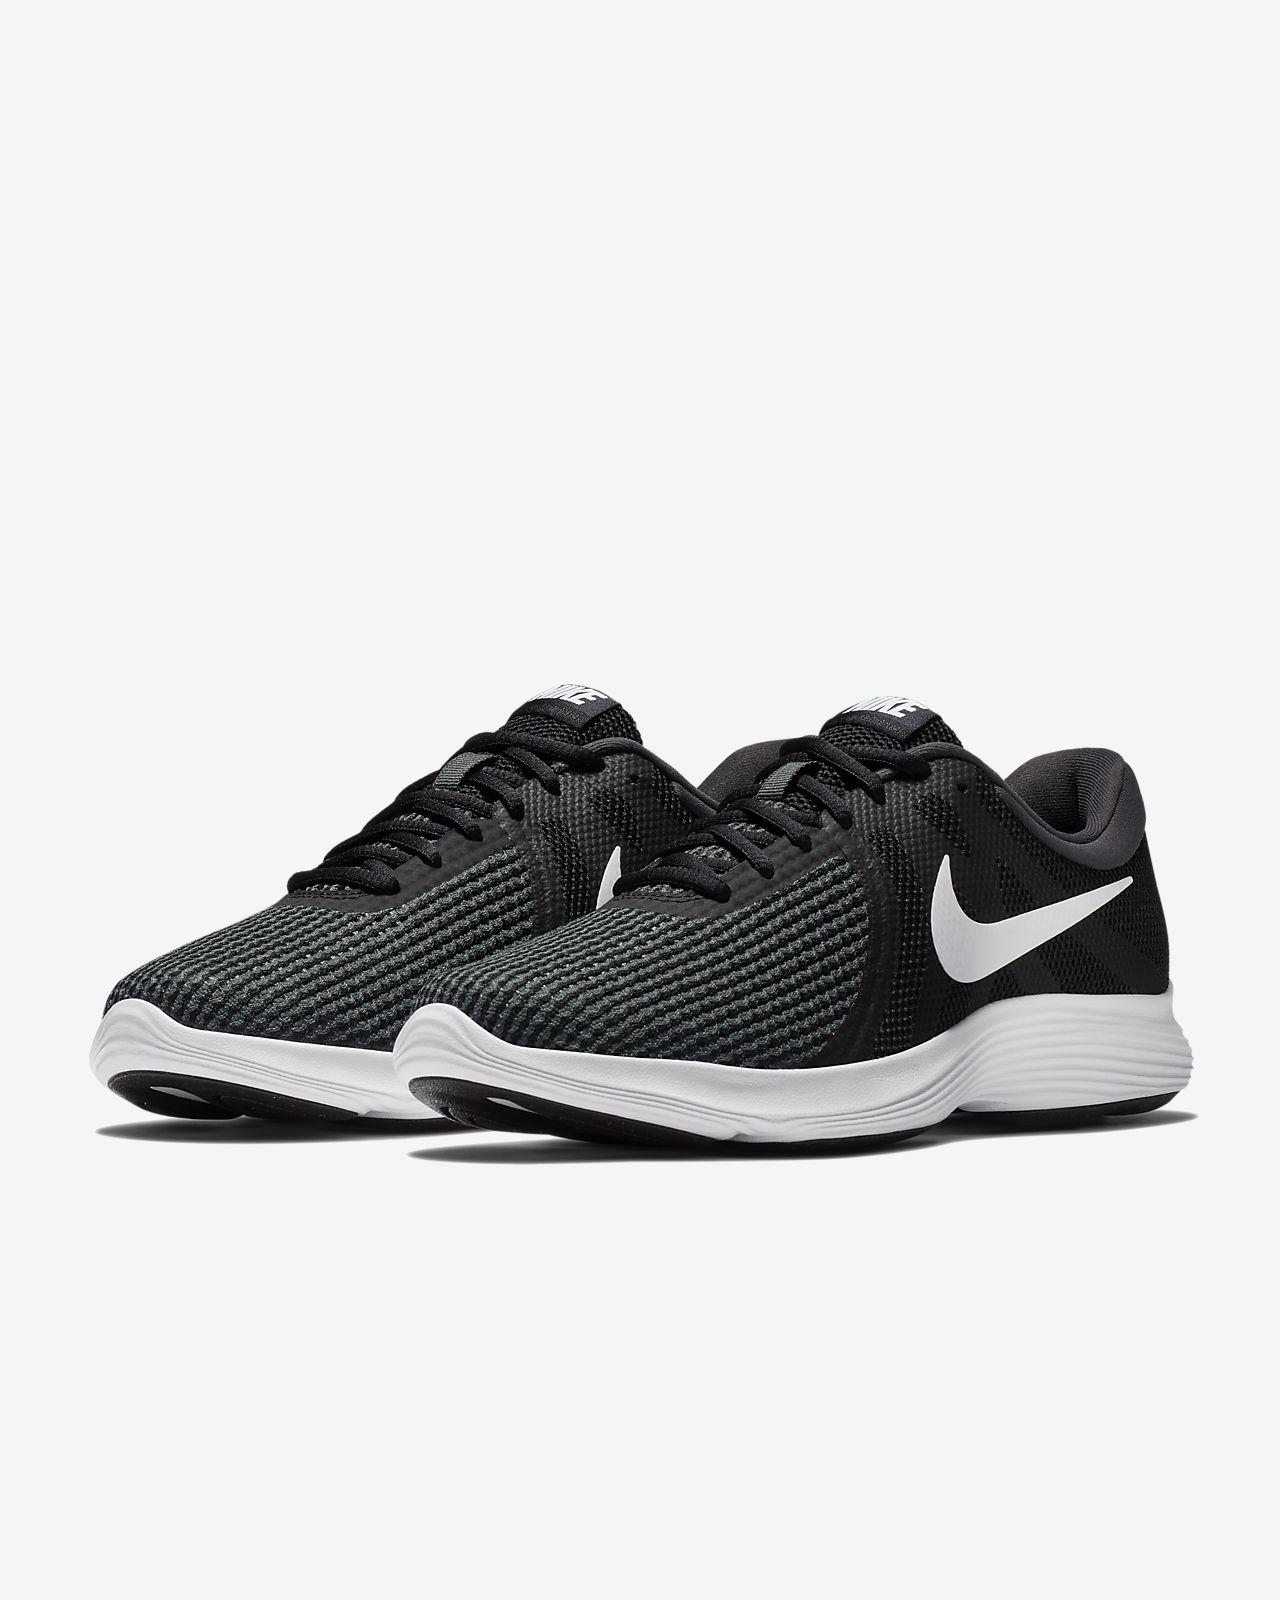 873426b604e50 Calzado de running para hombres (UE) Nike Revolution 4. Nike.com MX